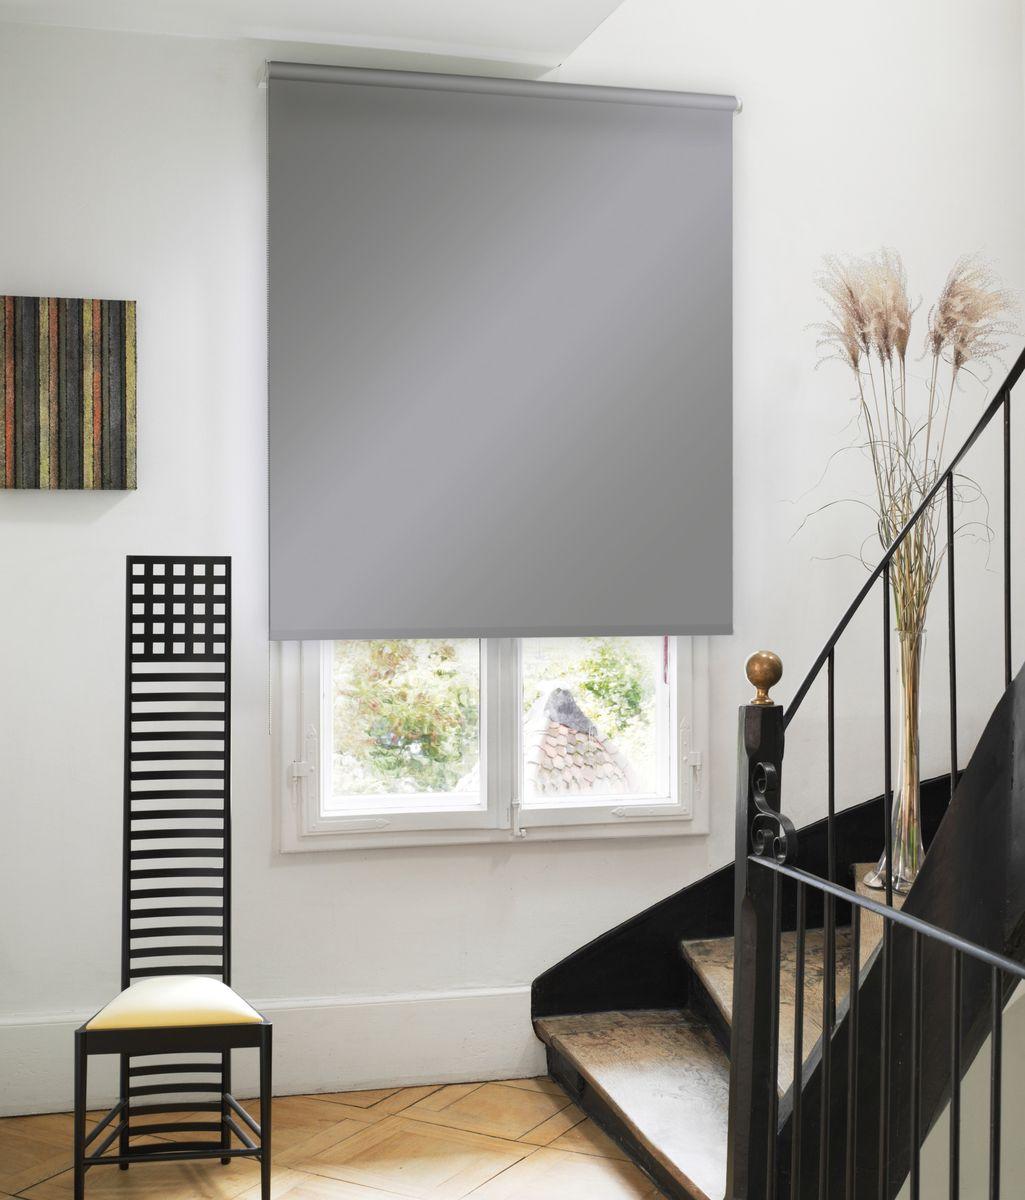 Штора рулонная Эскар Миниролло, цвет: серый, ширина 48 см, высота 170 см31020048170Рулонными шторами можно оформлять окна как самостоятельно, так и использовать в комбинации с портьерами. Это поможет предотвратить выгорание дорогой ткани на солнце и соединит функционал рулонных с красотой навесных. Преимущества применения рулонных штор для пластиковых окон: - имеют прекрасный внешний вид: многообразие и фактурность материала изделия отлично смотрятся в любом интерьере;- многофункциональны: есть возможность подобрать шторы способные эффективно защитить комнату от солнца, при этом она не будет слишком темной. - Есть возможность осуществить быстрый монтаж.ВНИМАНИЕ! Размеры ширины изделия указаны по ширине ткани! Во время эксплуатации не рекомендуется полностью разматывать рулон, чтобы не оторвать ткань от намоточного вала. В случае загрязнения поверхности ткани, чистку шторы проводят одним из способов, в зависимости от типа загрязнения:легкое поверхностное загрязнение можно удалить при помощи канцелярского ластика;чистка от пыли производится сухим методом при помощи пылесоса с мягкой щеткой-насадкой;для удаления пятна используйте мягкую губку с пенообразующим неагрессивным моющим средством или пятновыводитель на натуральной основе (нельзя применять растворители).